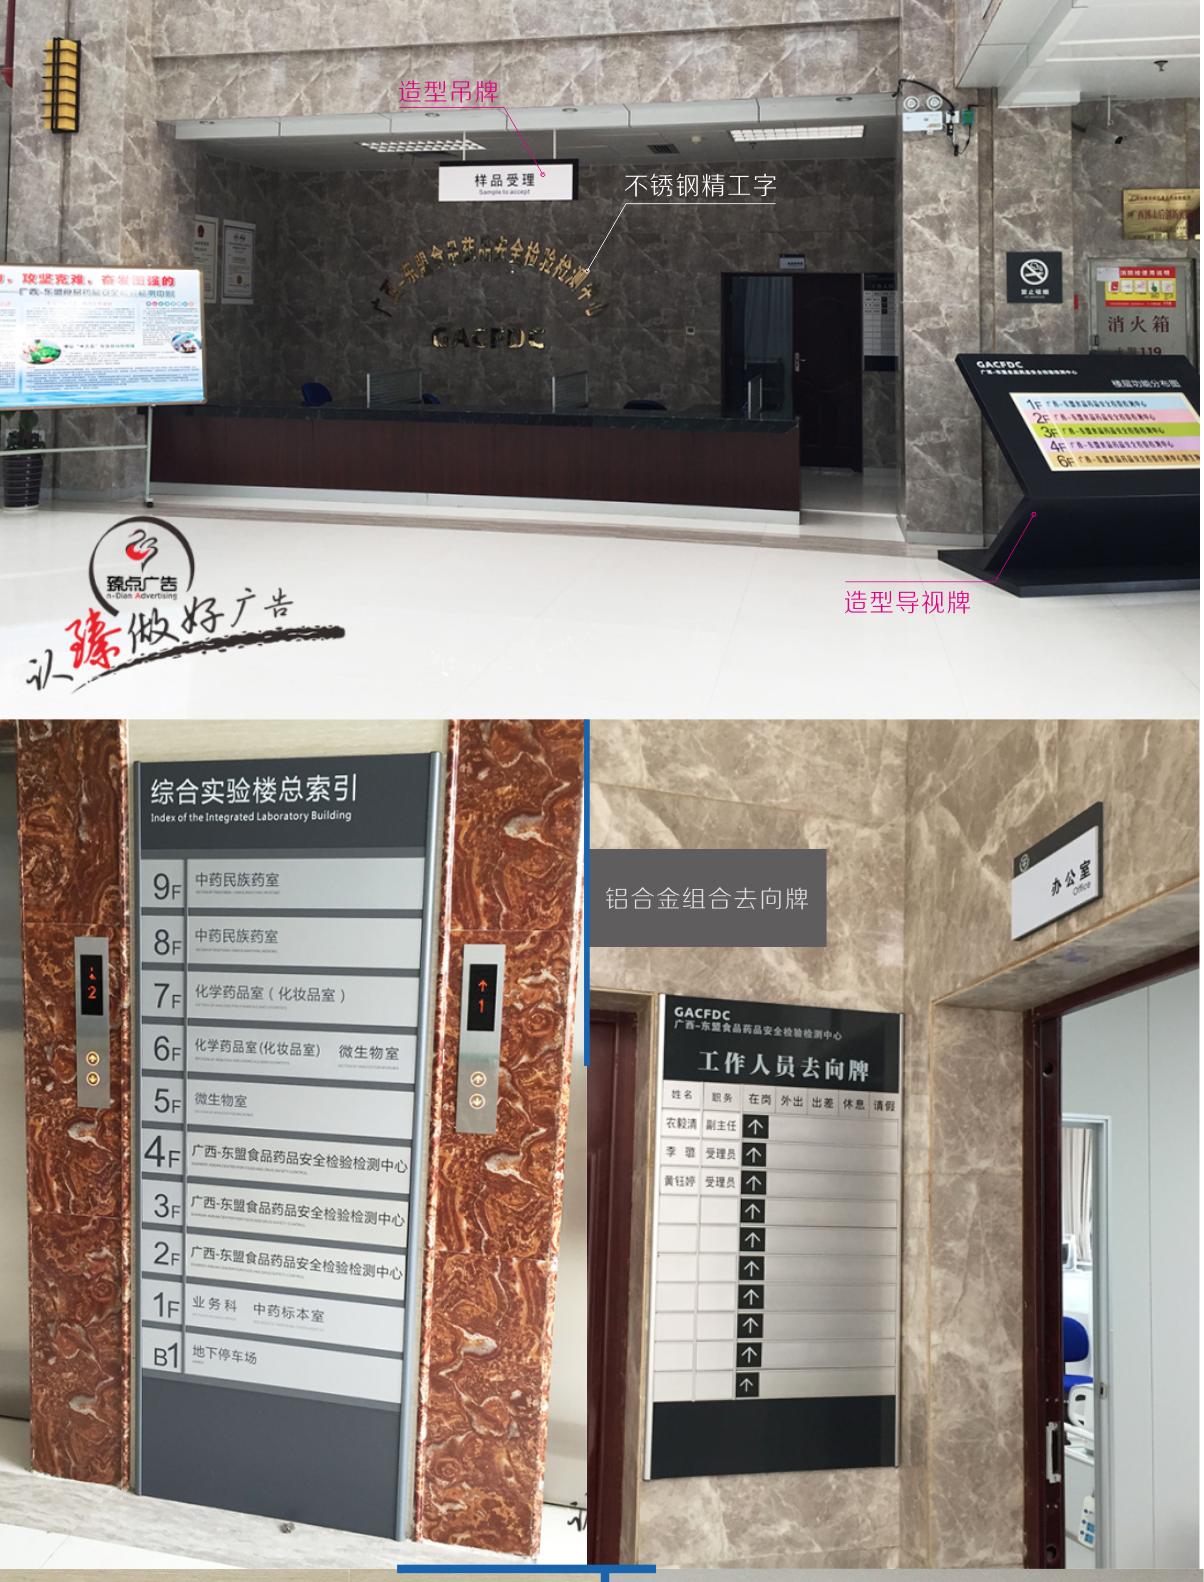 荔枝视频app色版下载东盟食品药品安全检验检测中心标志设计标示牌设计制作_02.png